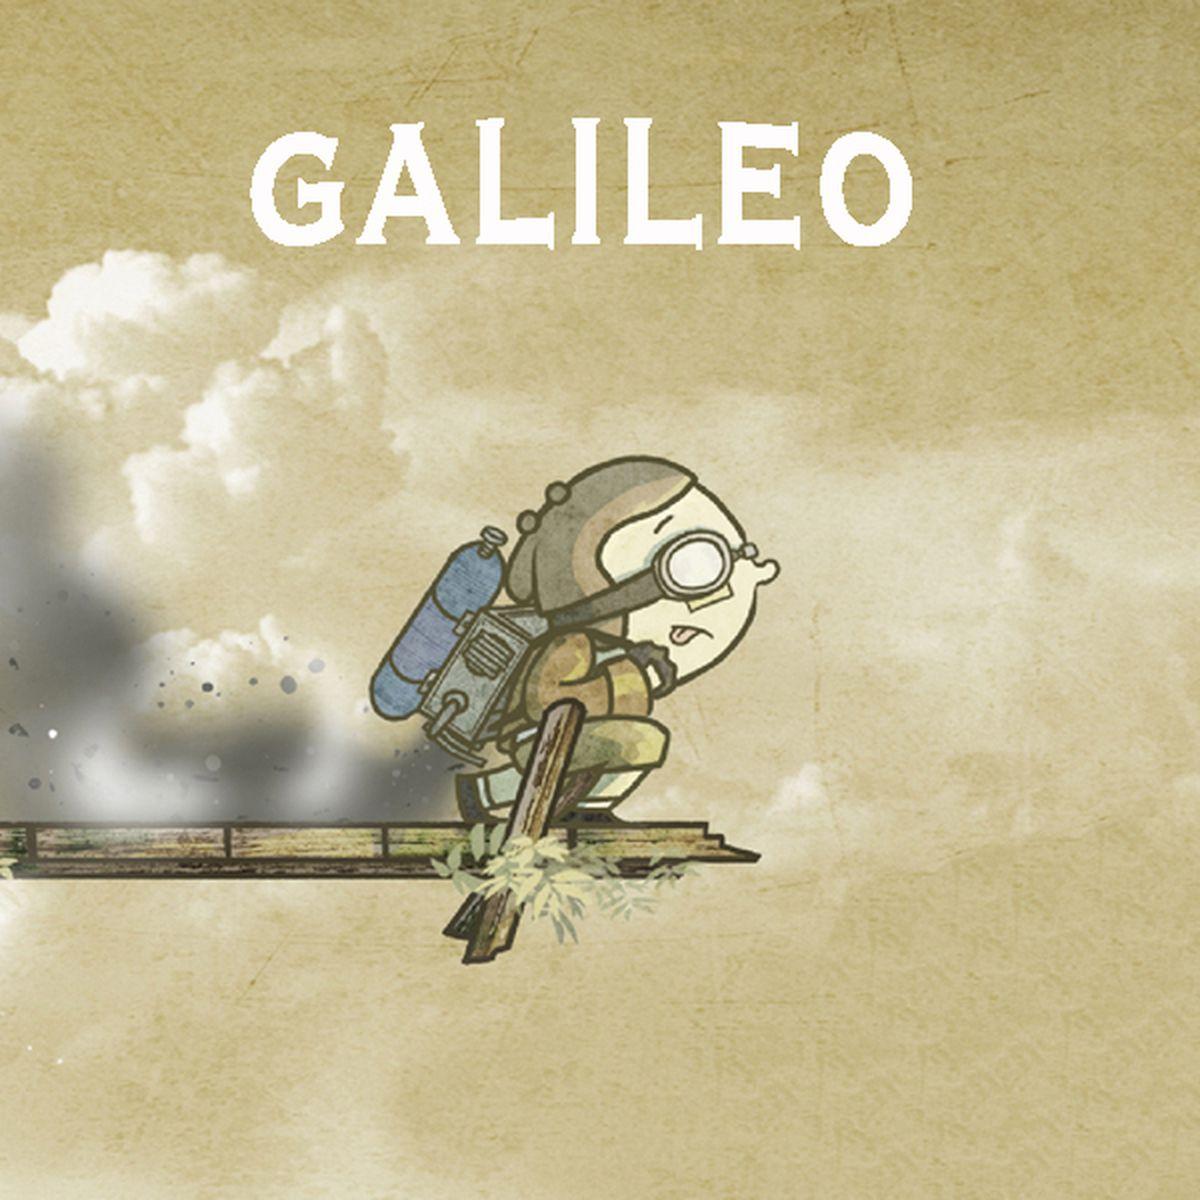 Galileo |